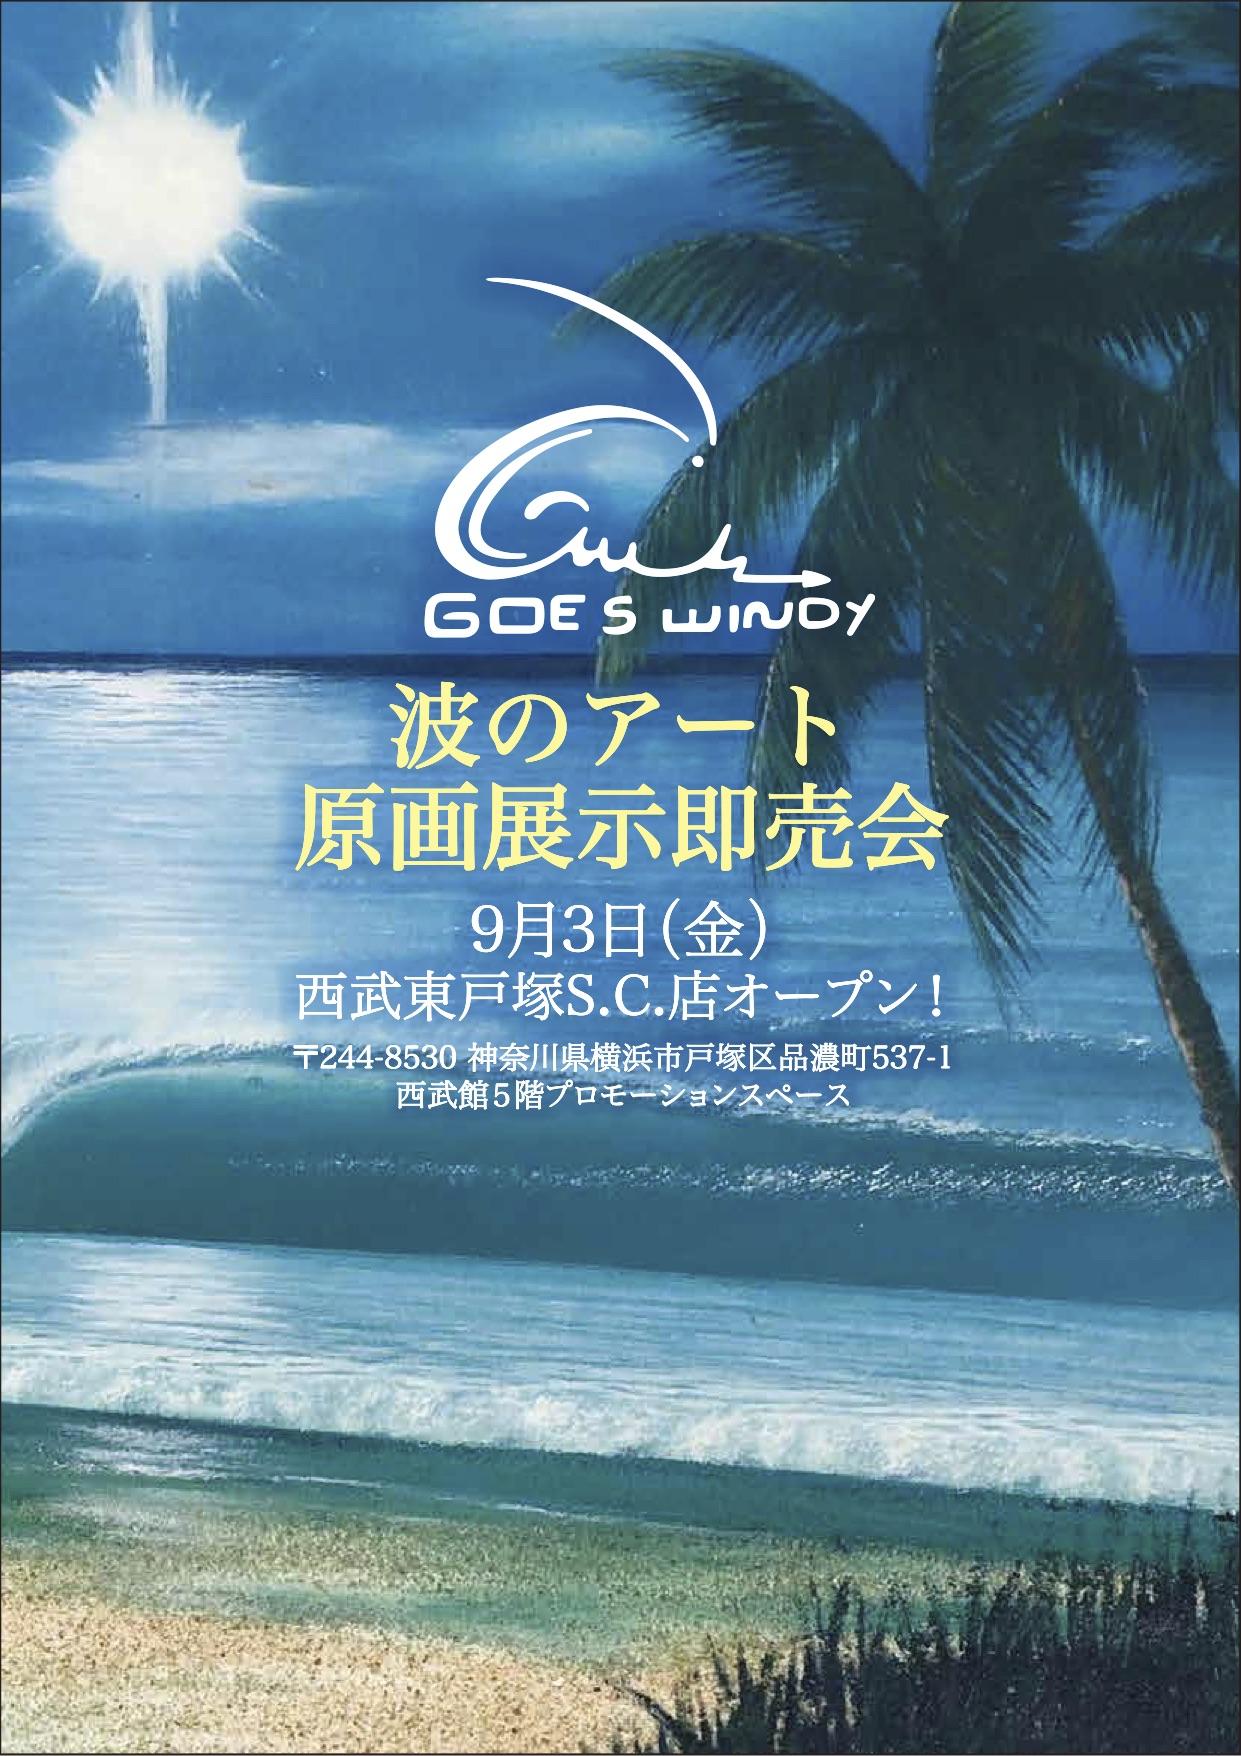 初のロング催事開催!西武東戸塚S.C店9/3(金)オープン!